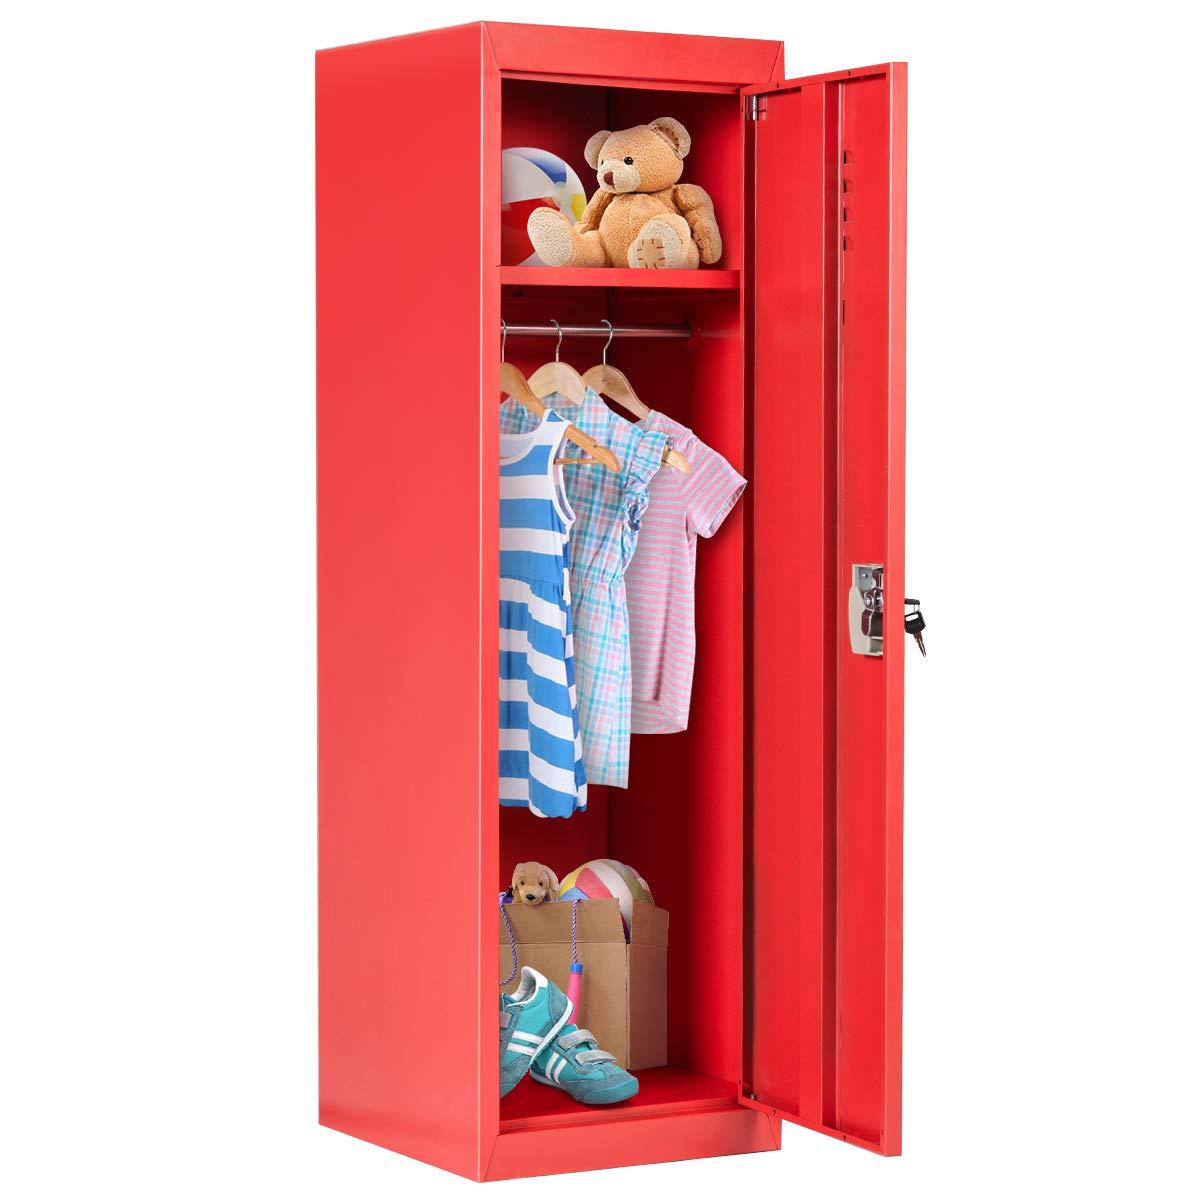 Costzon 48'' Kids Metal Storage Locker, Single Tier Metal Locker, Anti-Rust, Moisture Proof, Mildewproof, Lock and Key Safe Storage for Home & School (Red) by Costzon